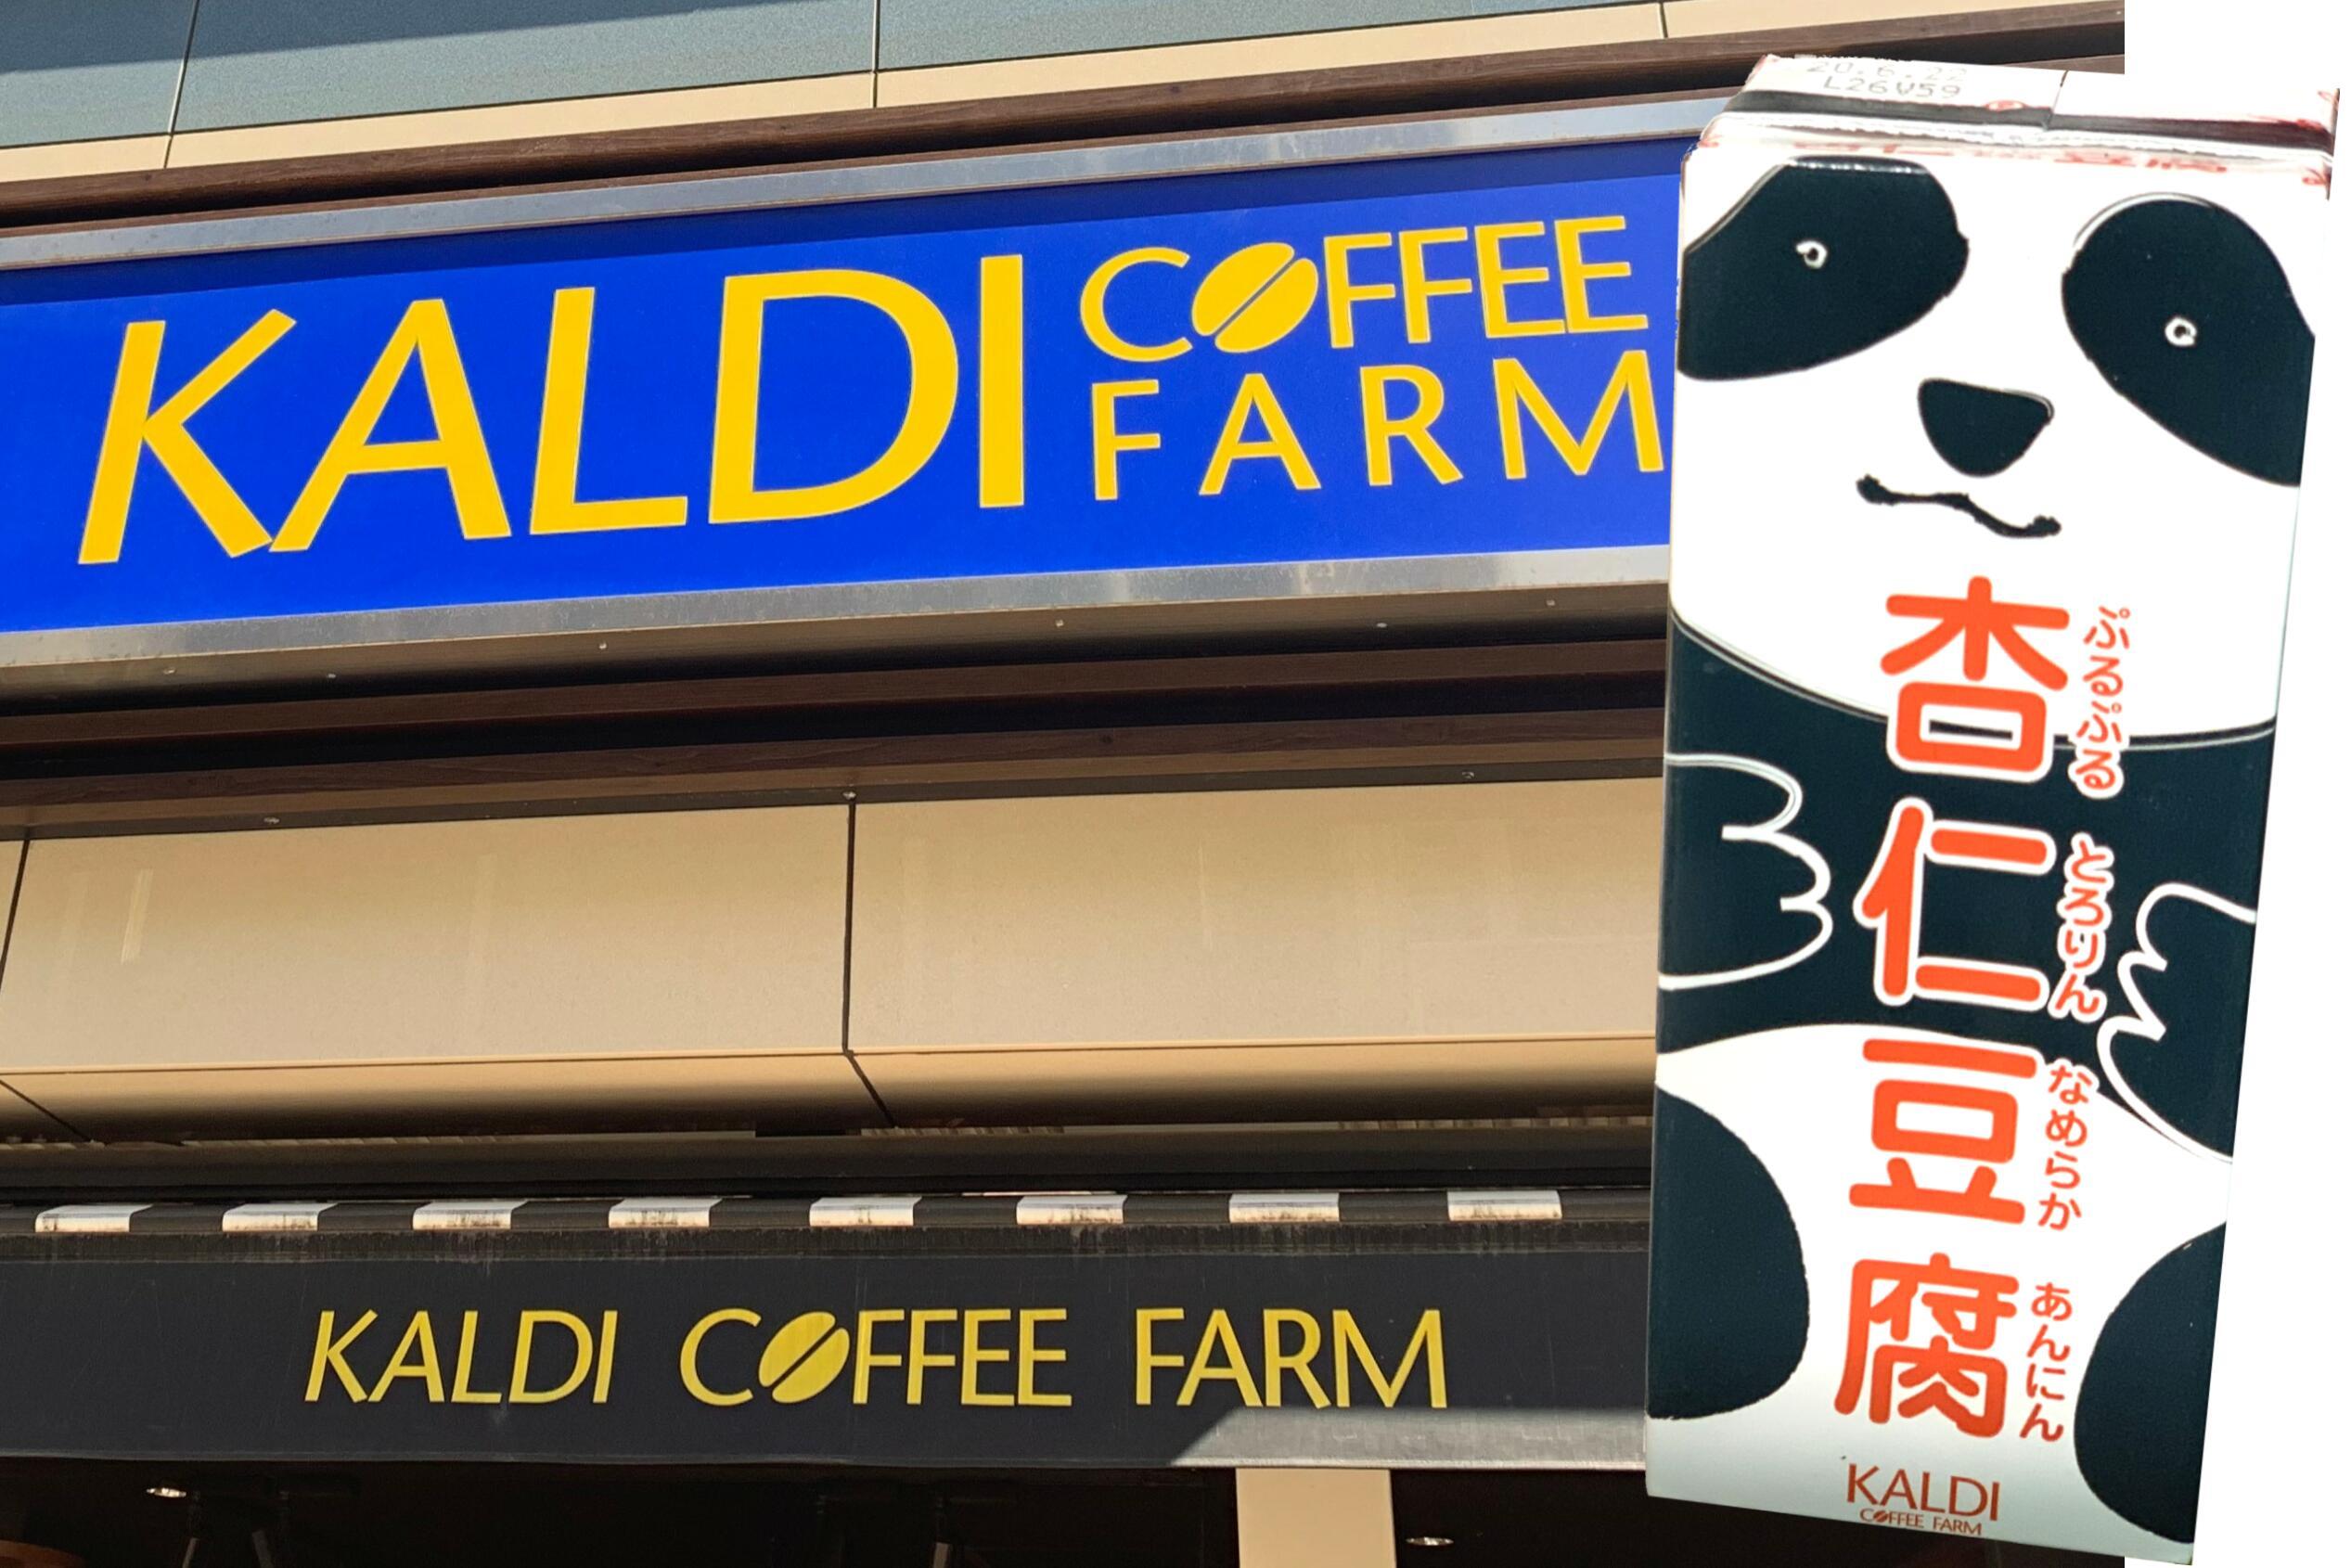 カルディ人気商品「パンダ杏仁豆腐」が美味しい!おすすめアレンジ・食べ方は?